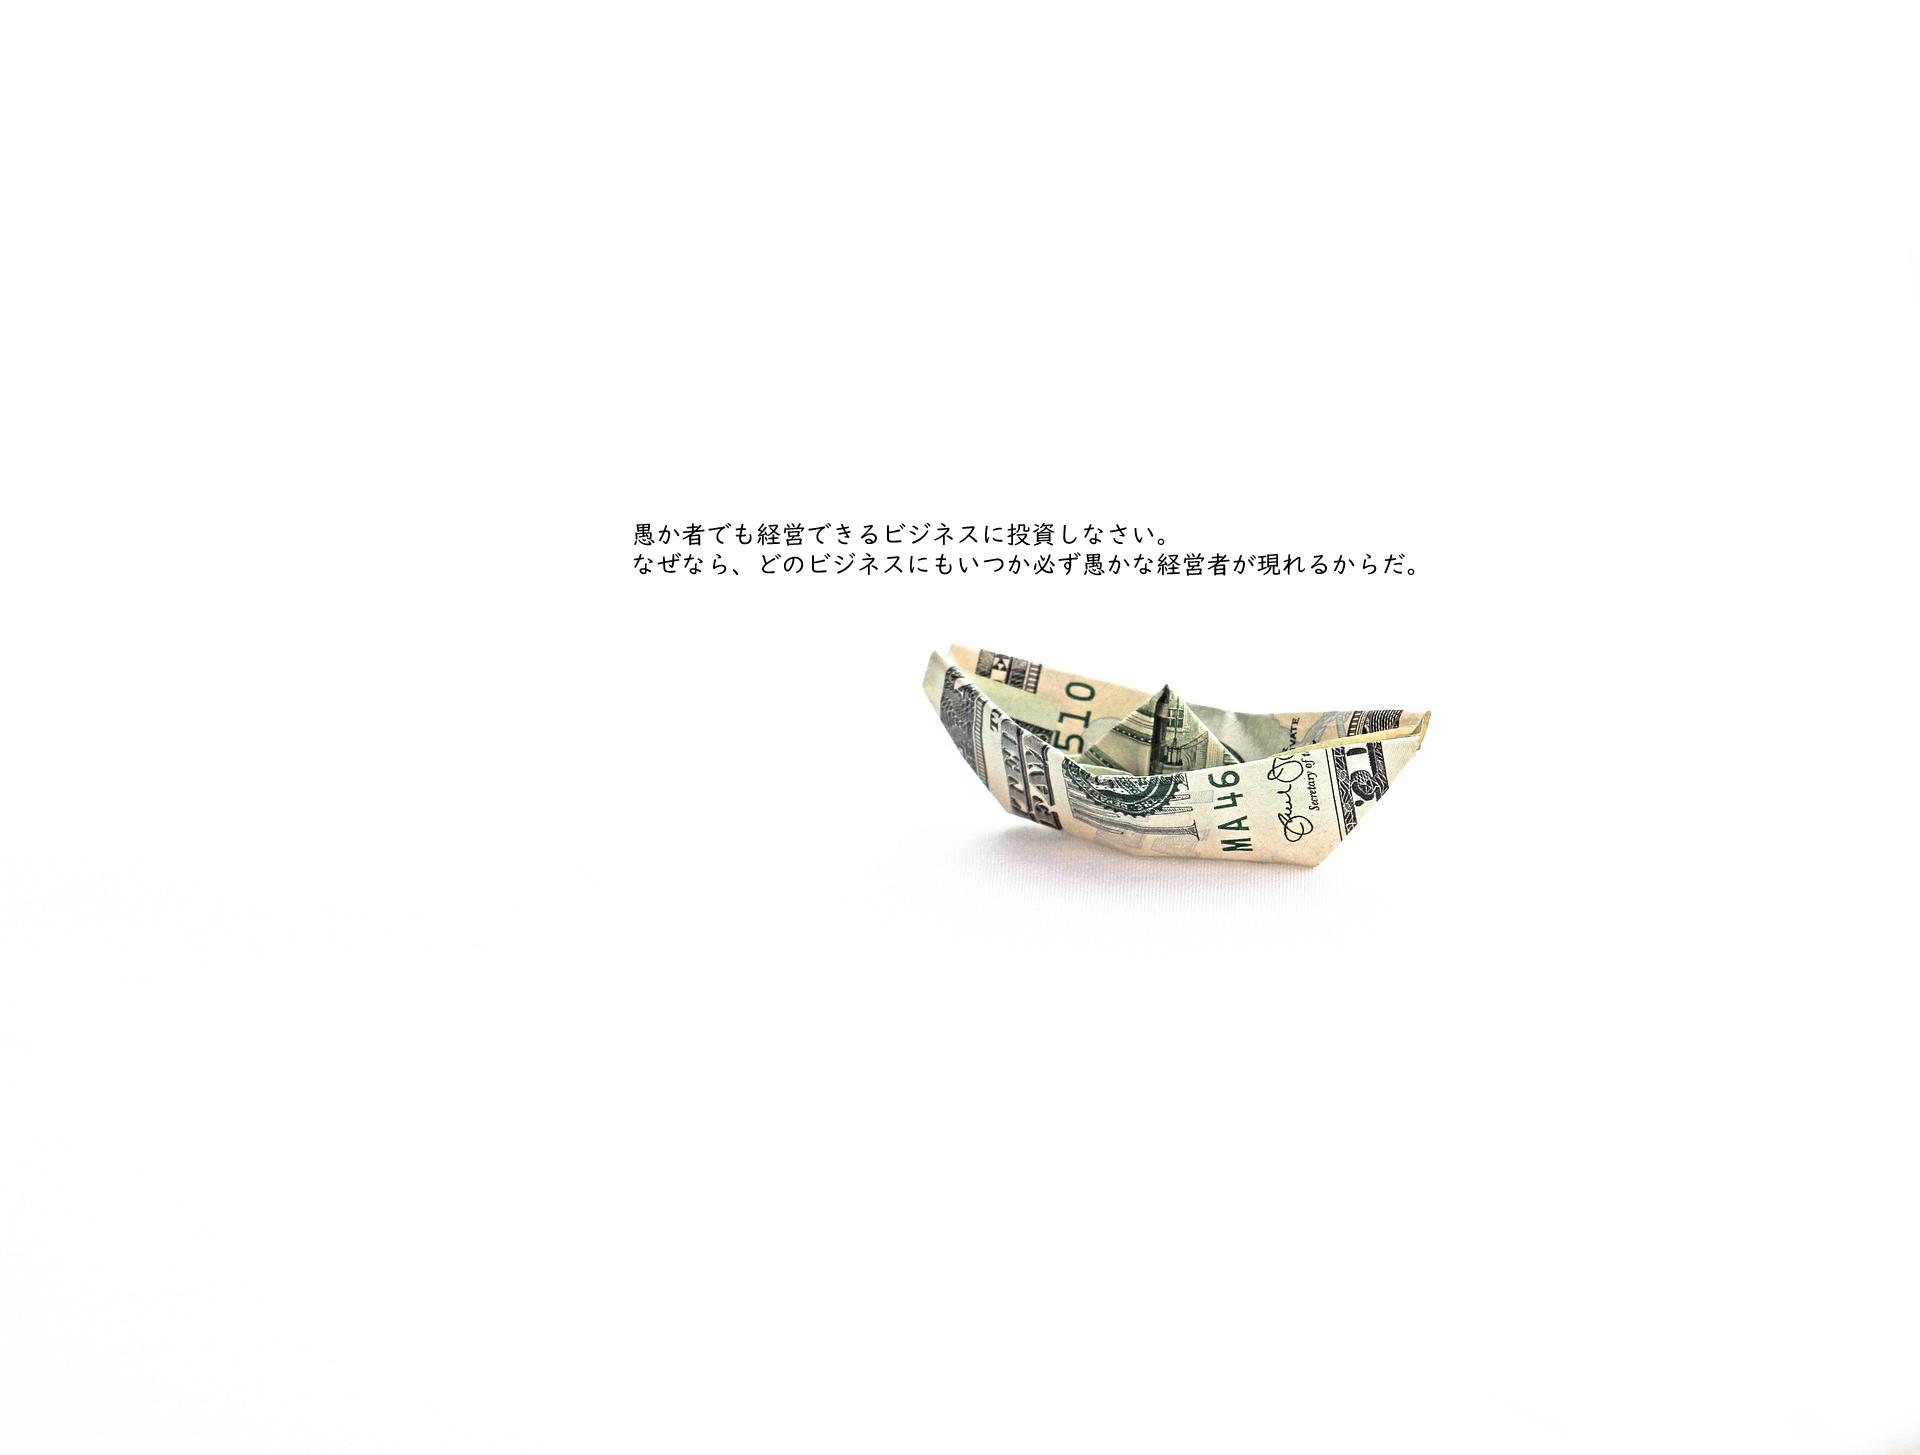 株ライフブログ